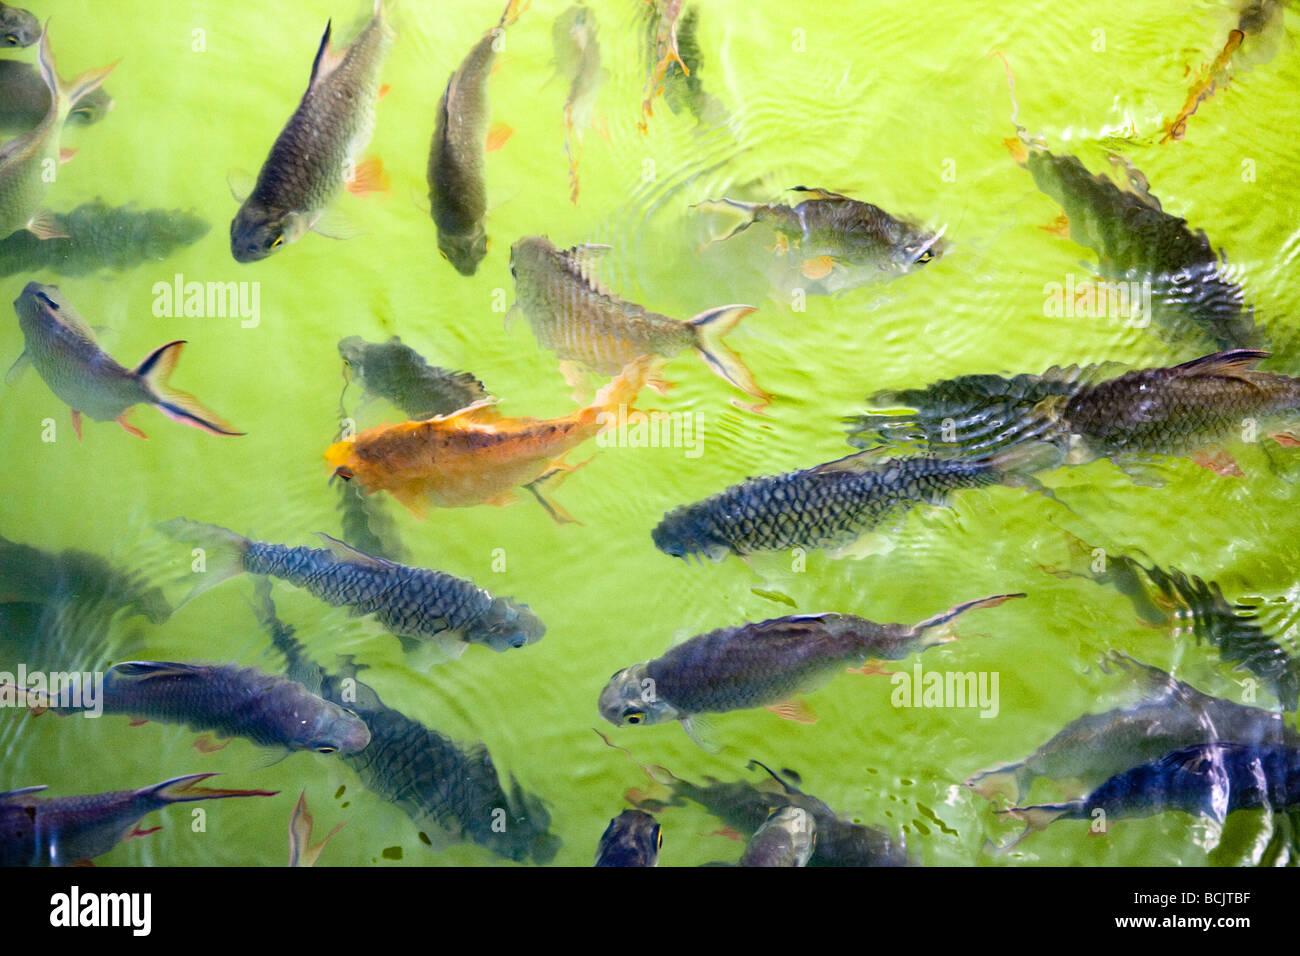 Fische in einem teich schwimmen stockfoto bild 25000515 for Fische in teich